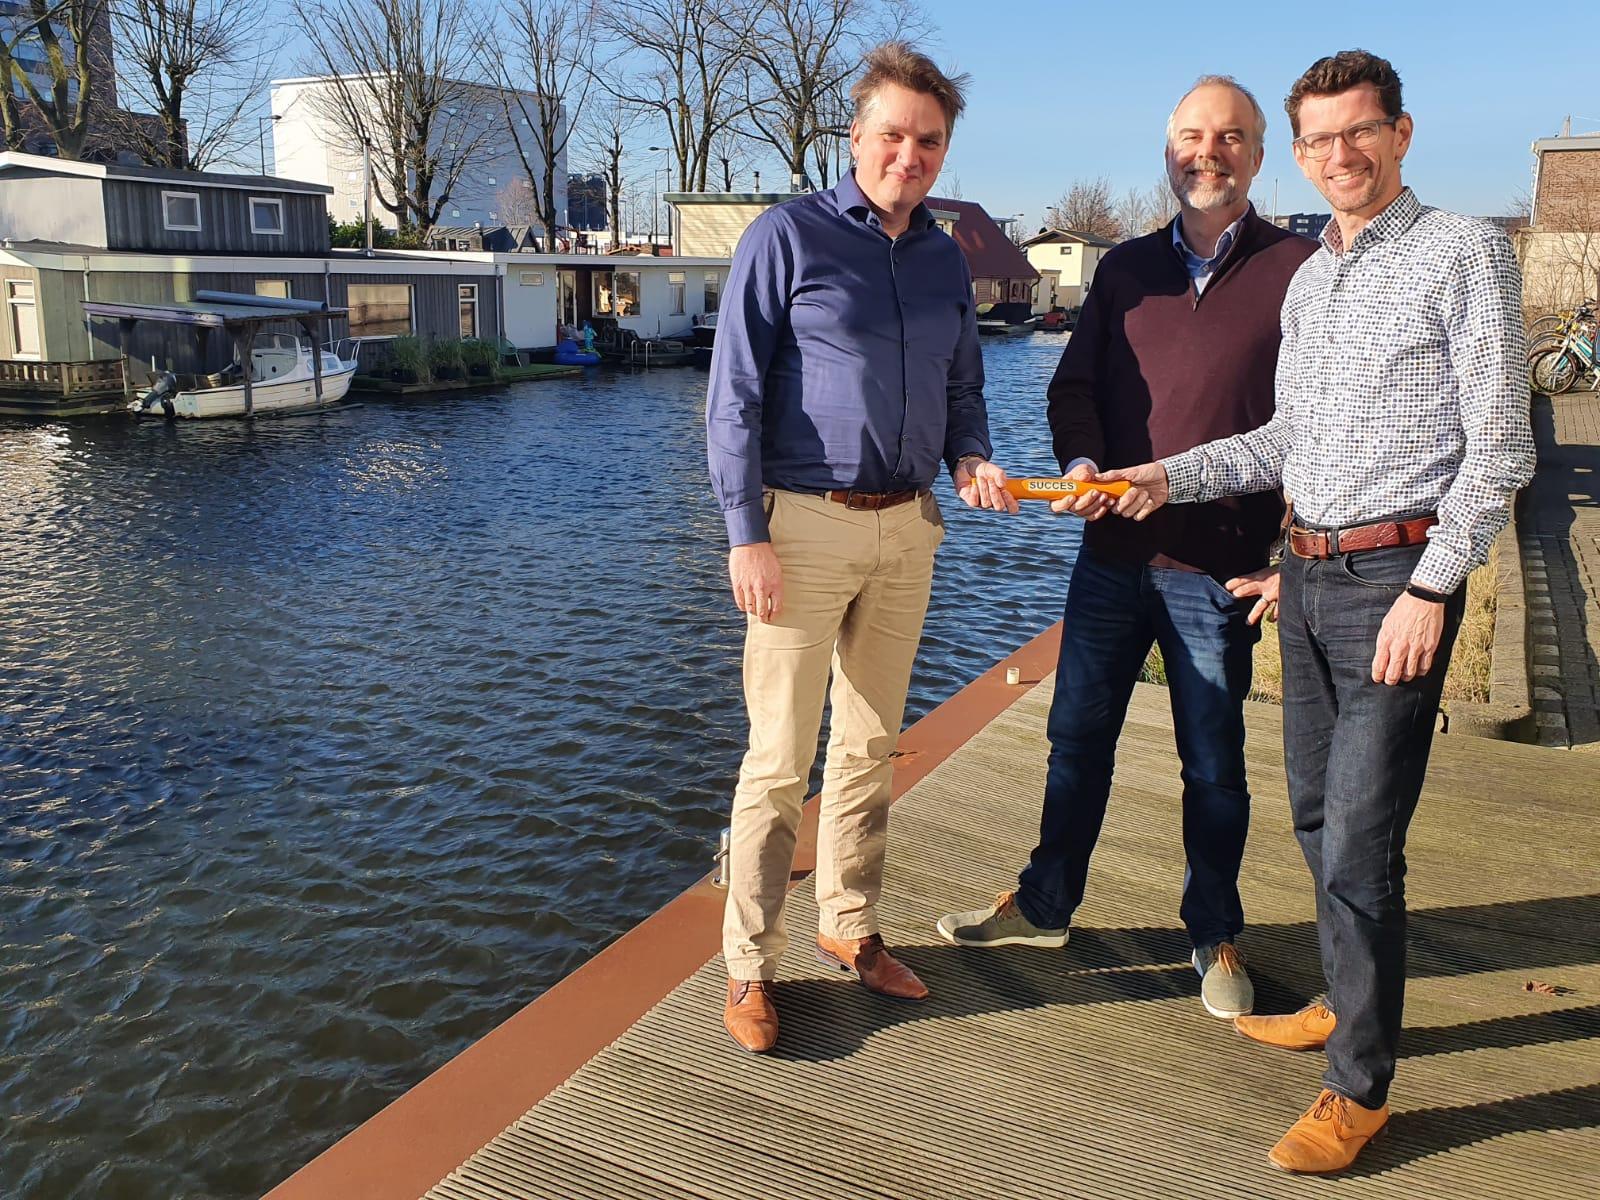 phbm directeuren Marcel Krikke en Roj van Baaren geven het stokje door